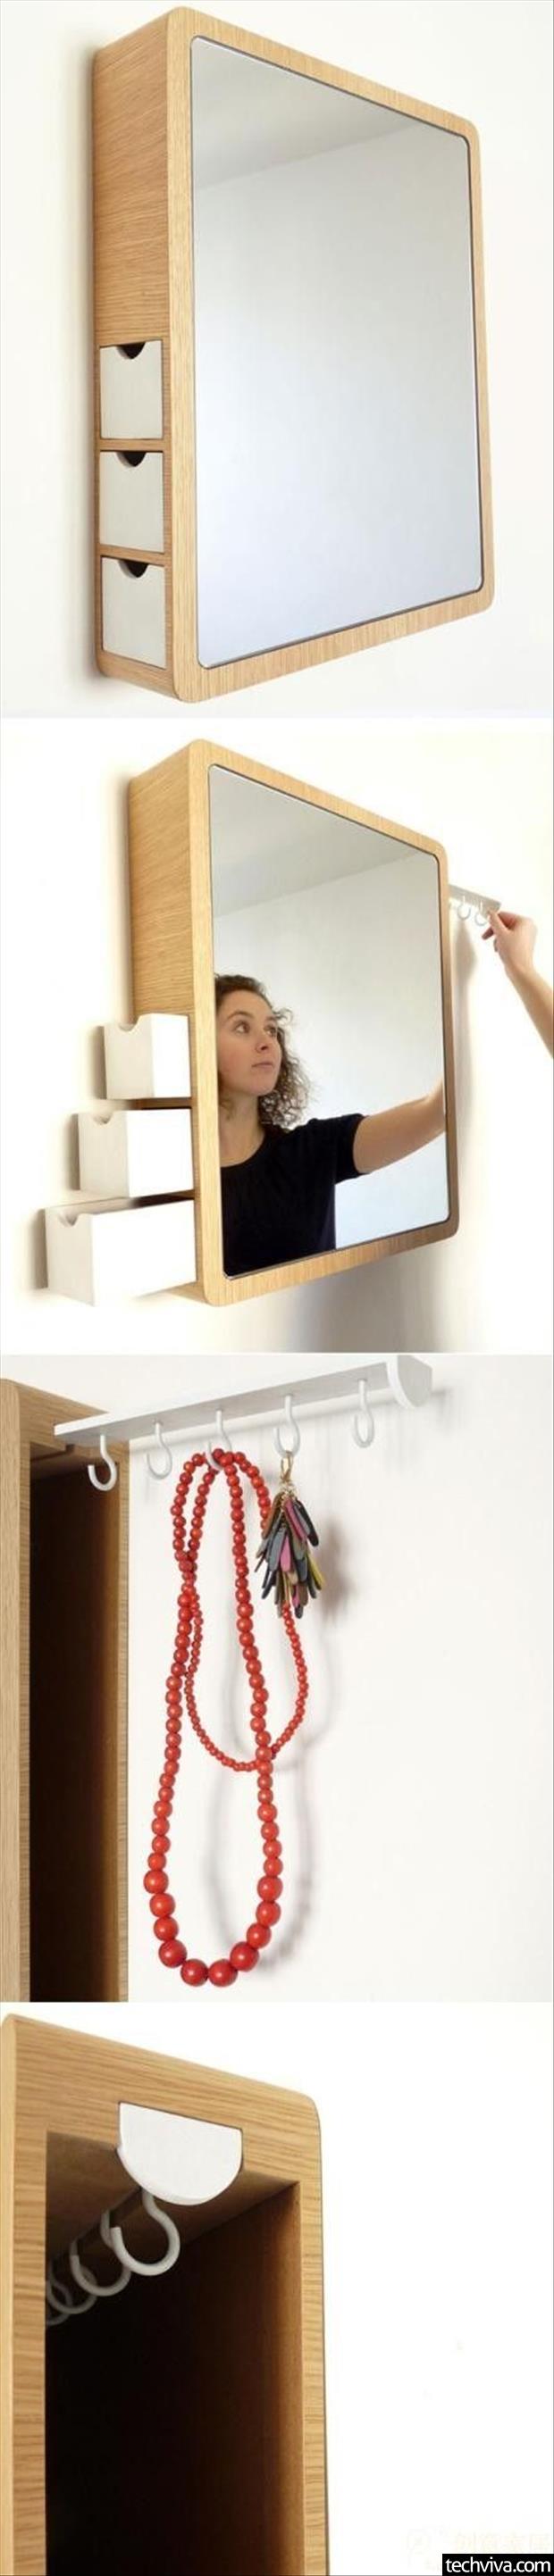 bathroom-mirror-concepts